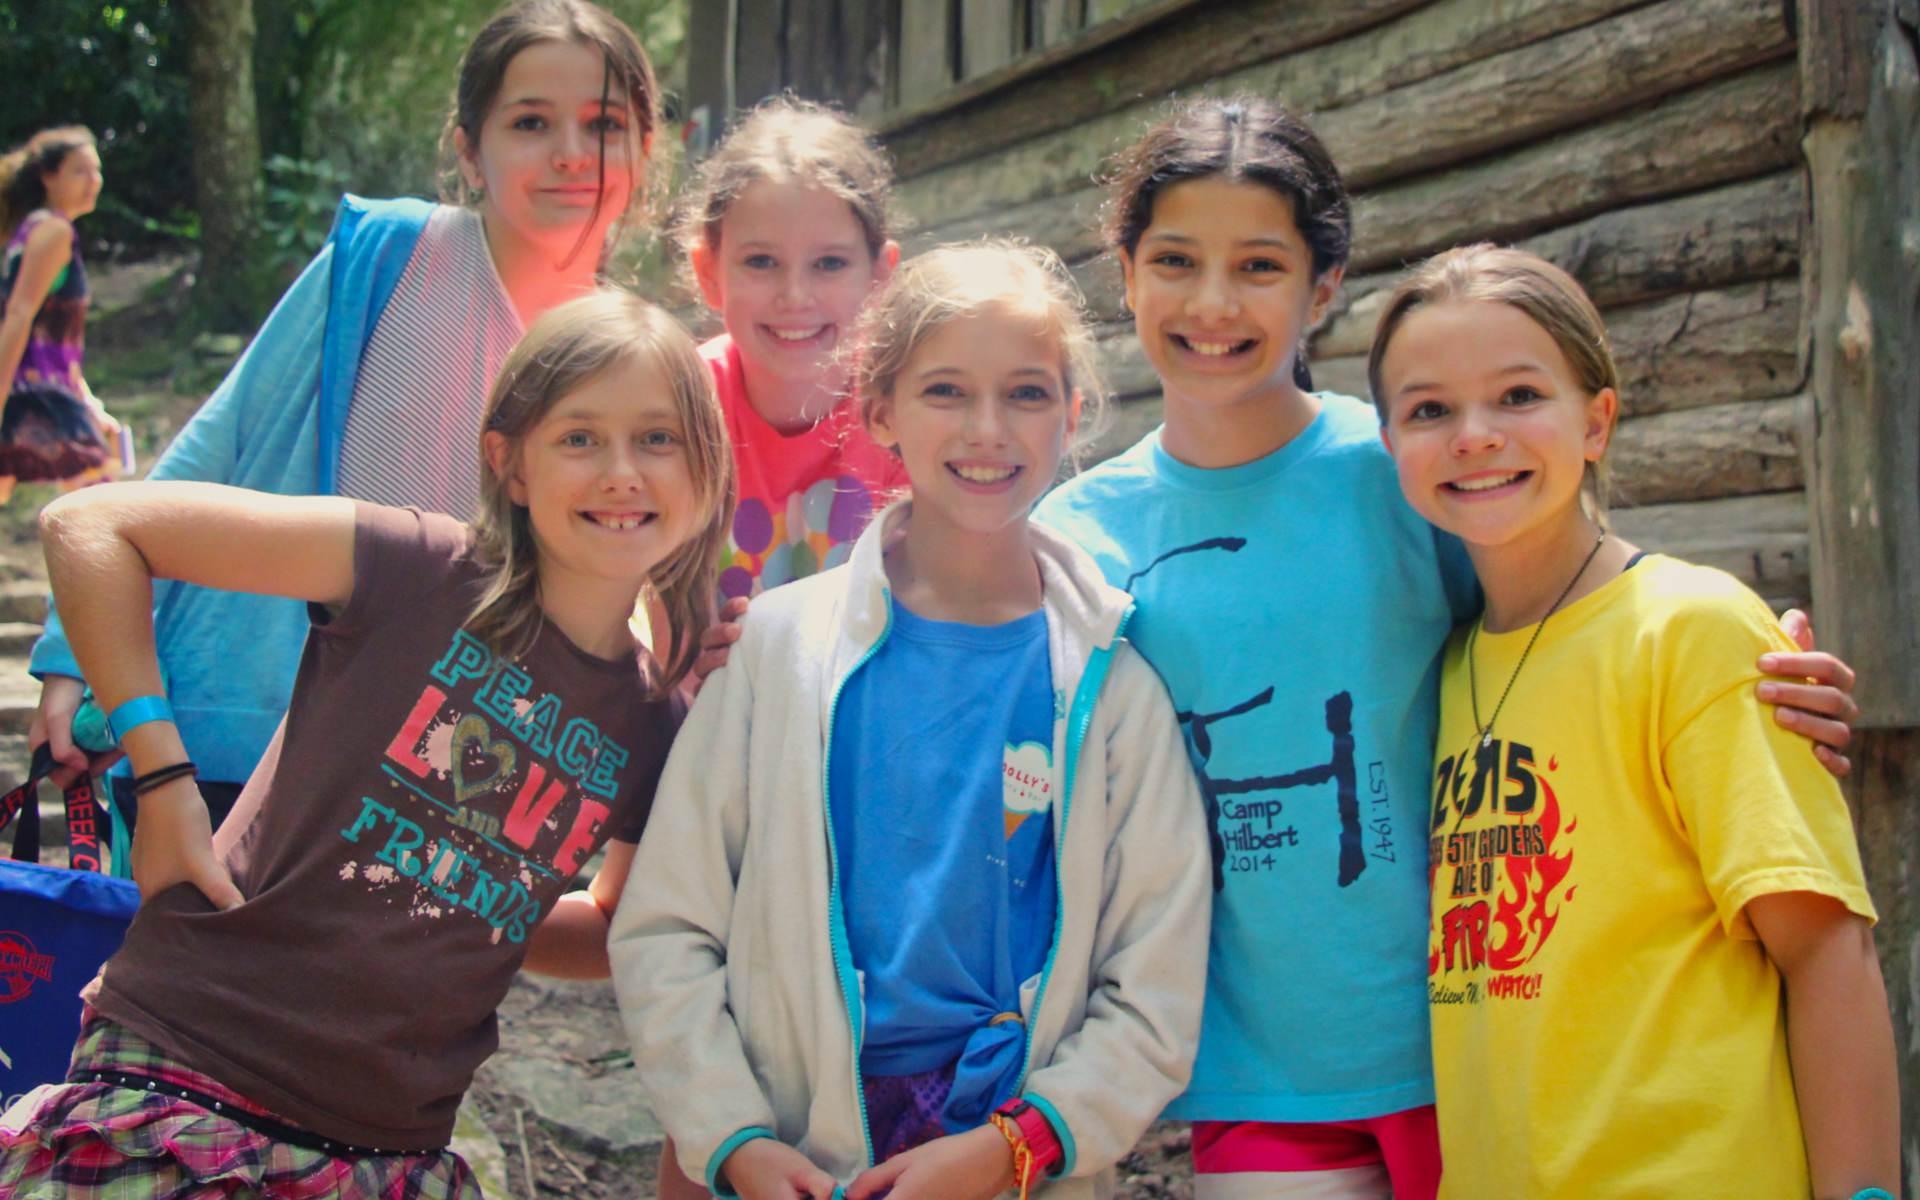 summer camp kids showing warmth